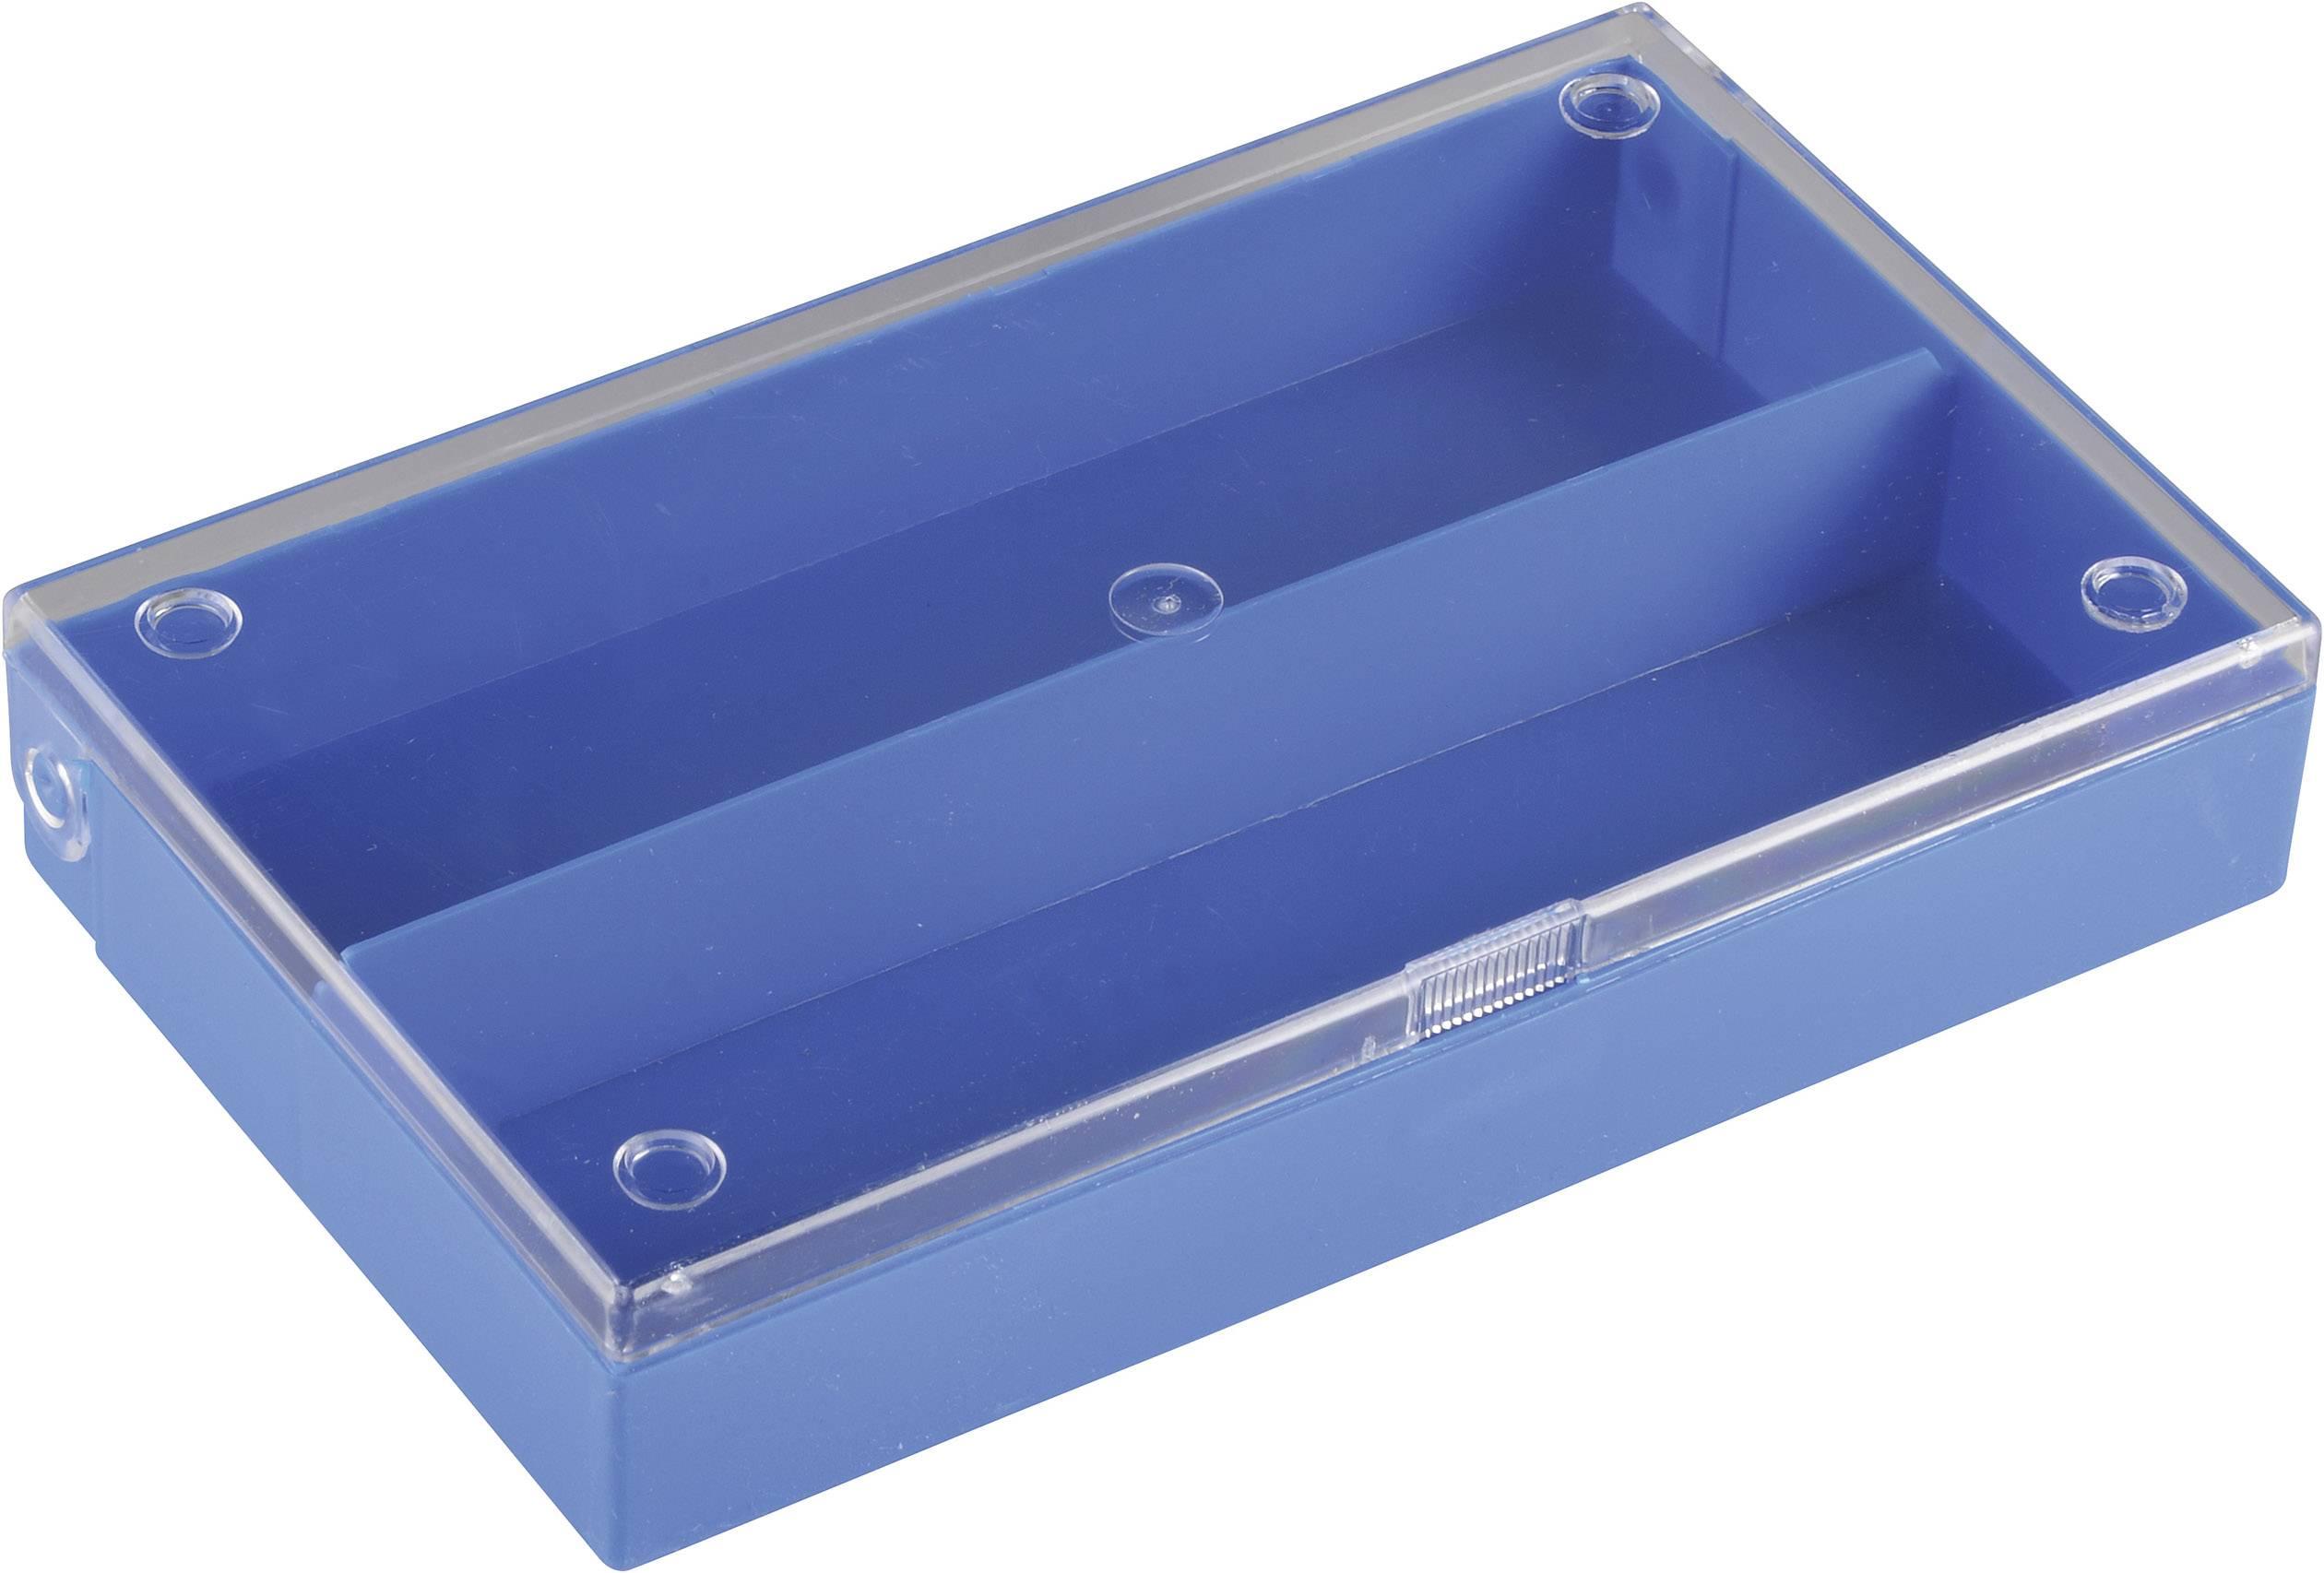 Zásobník na součástky (krabička) - 2 přihrádky, 164 x 31 x 101 mm